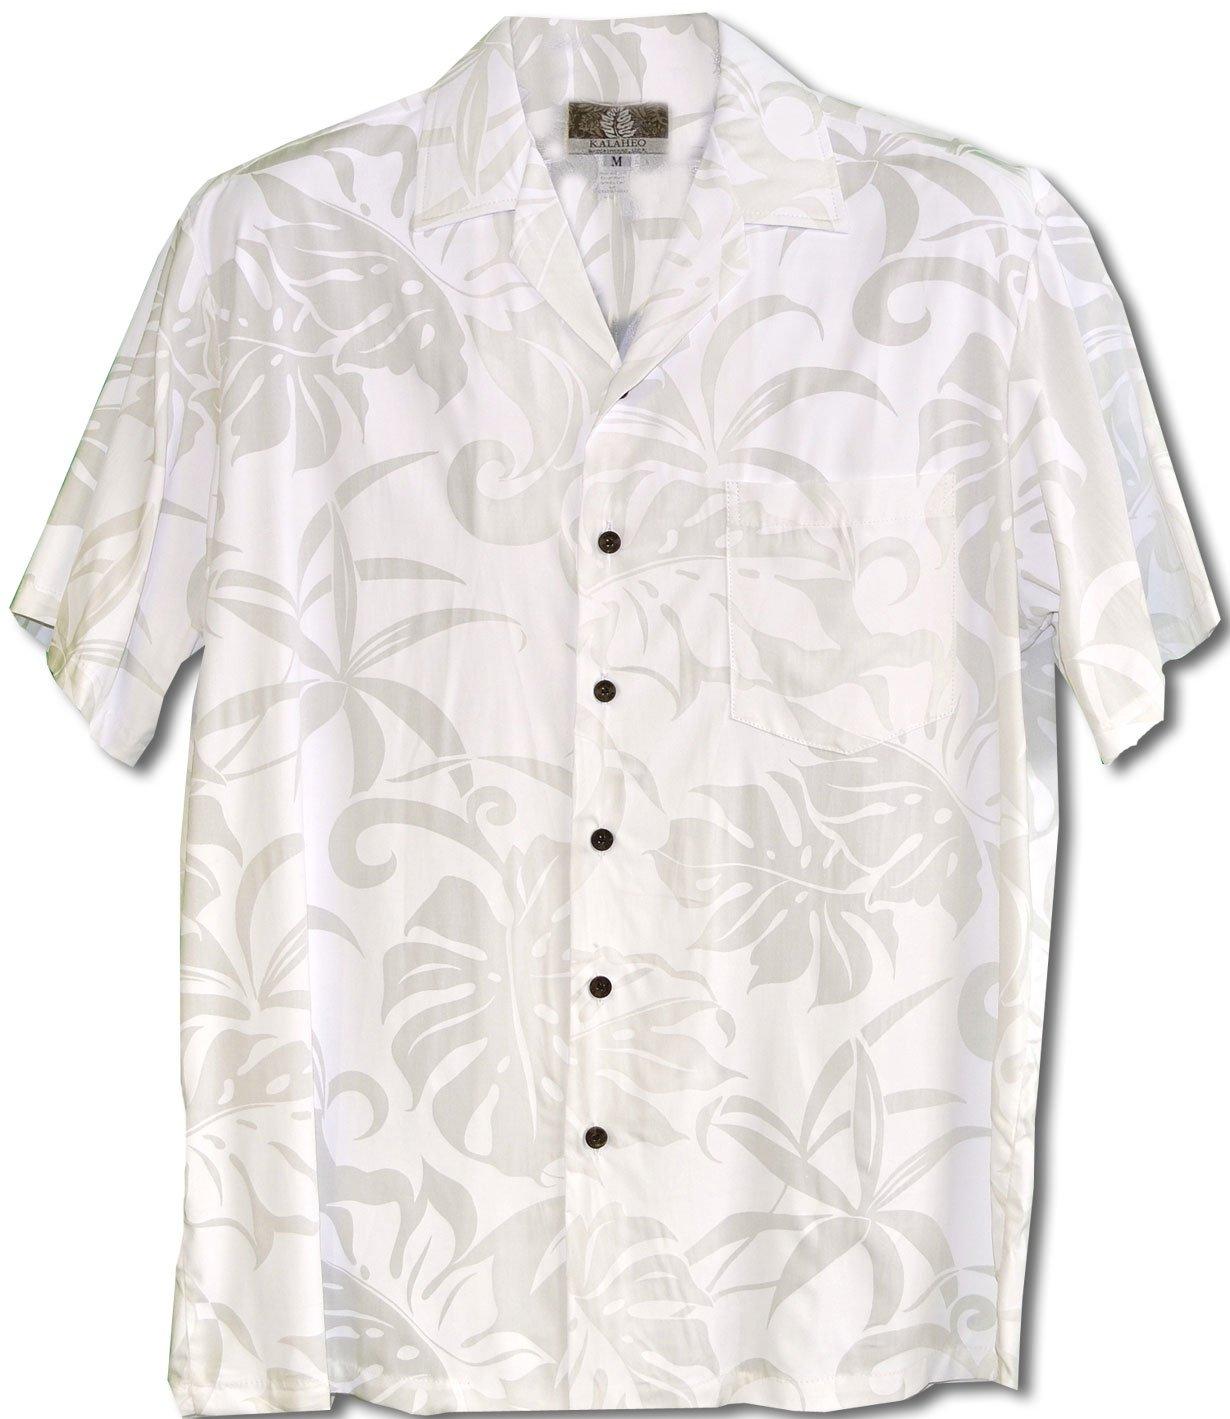 RJC Mens Delicate Tropical Wedding White Rayon Shirt L